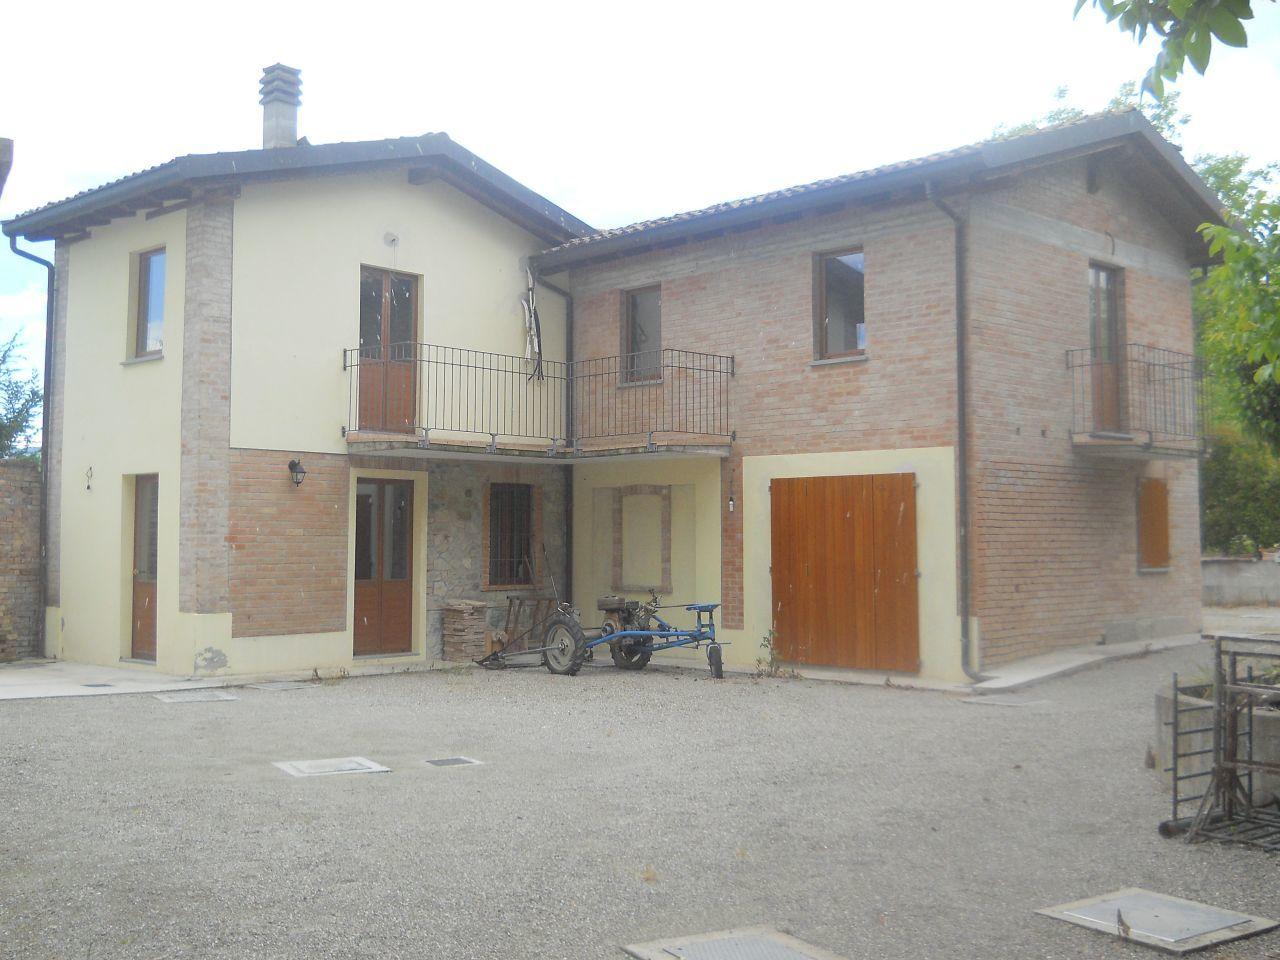 Rustico / Casale in vendita a Langhirano, 10 locali, prezzo € 700.000 | Cambio Casa.it